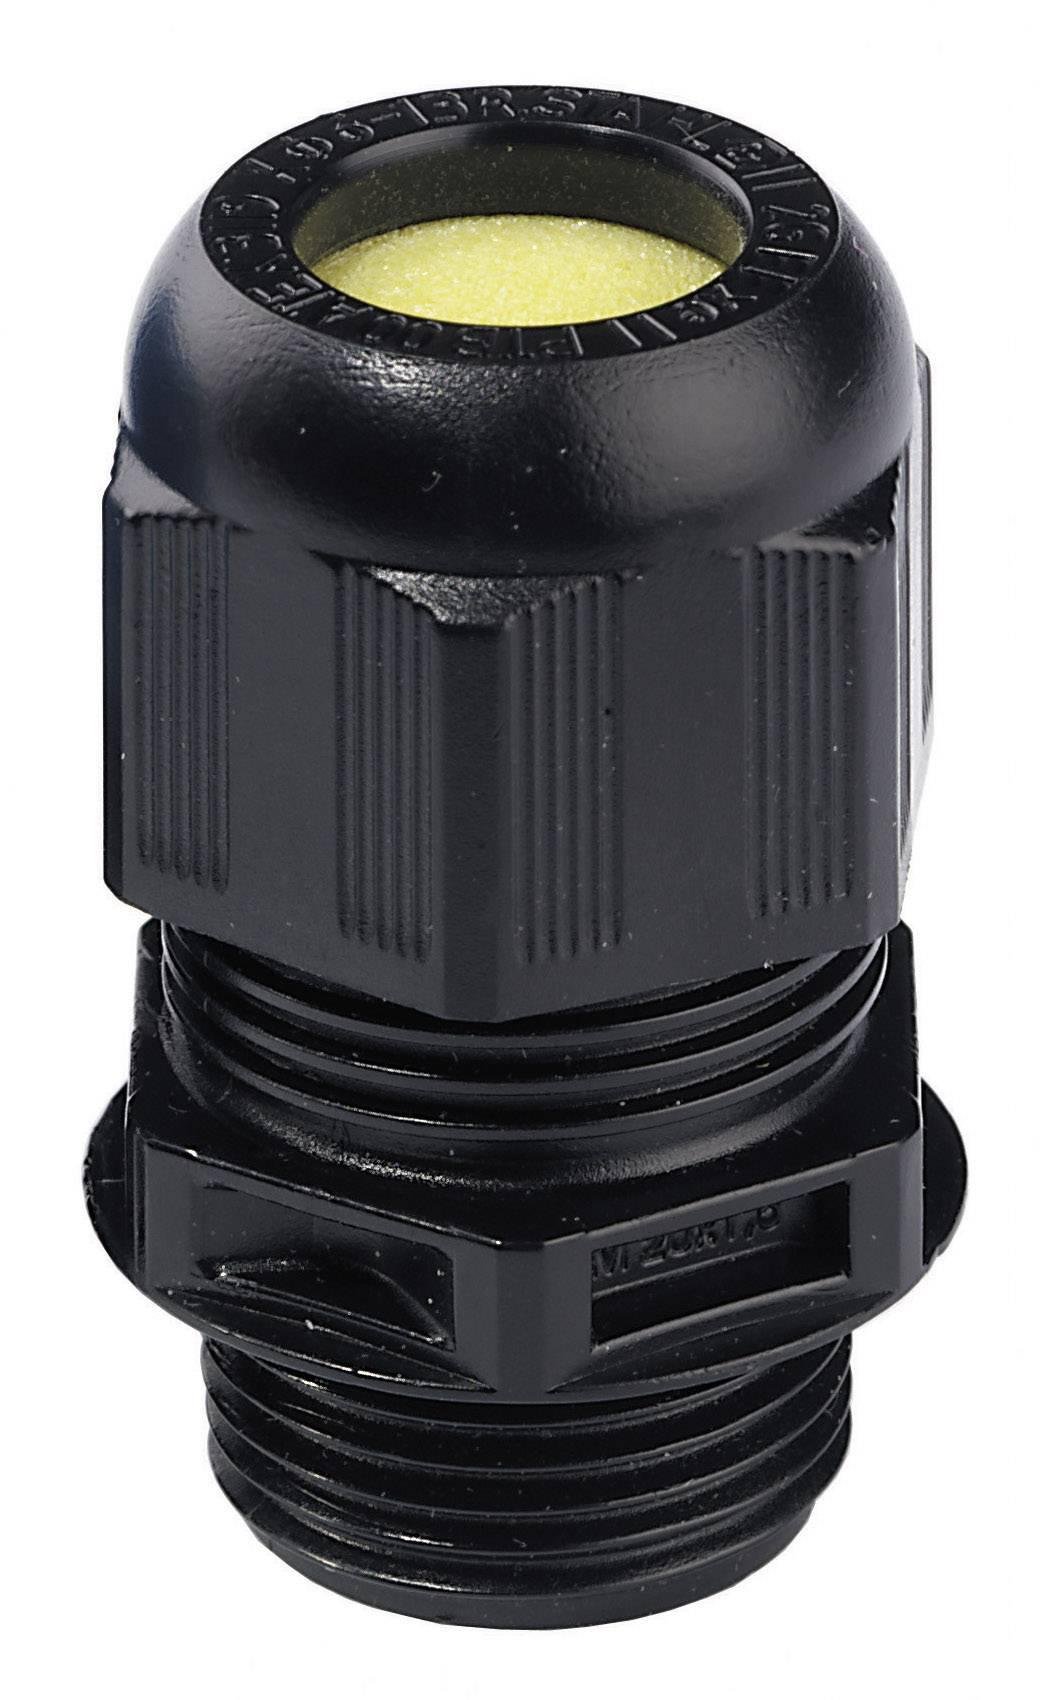 Káblová priechodka Wiska ESKE/1-e M20;ATEX, čierna (RAL 9005), 1 ks